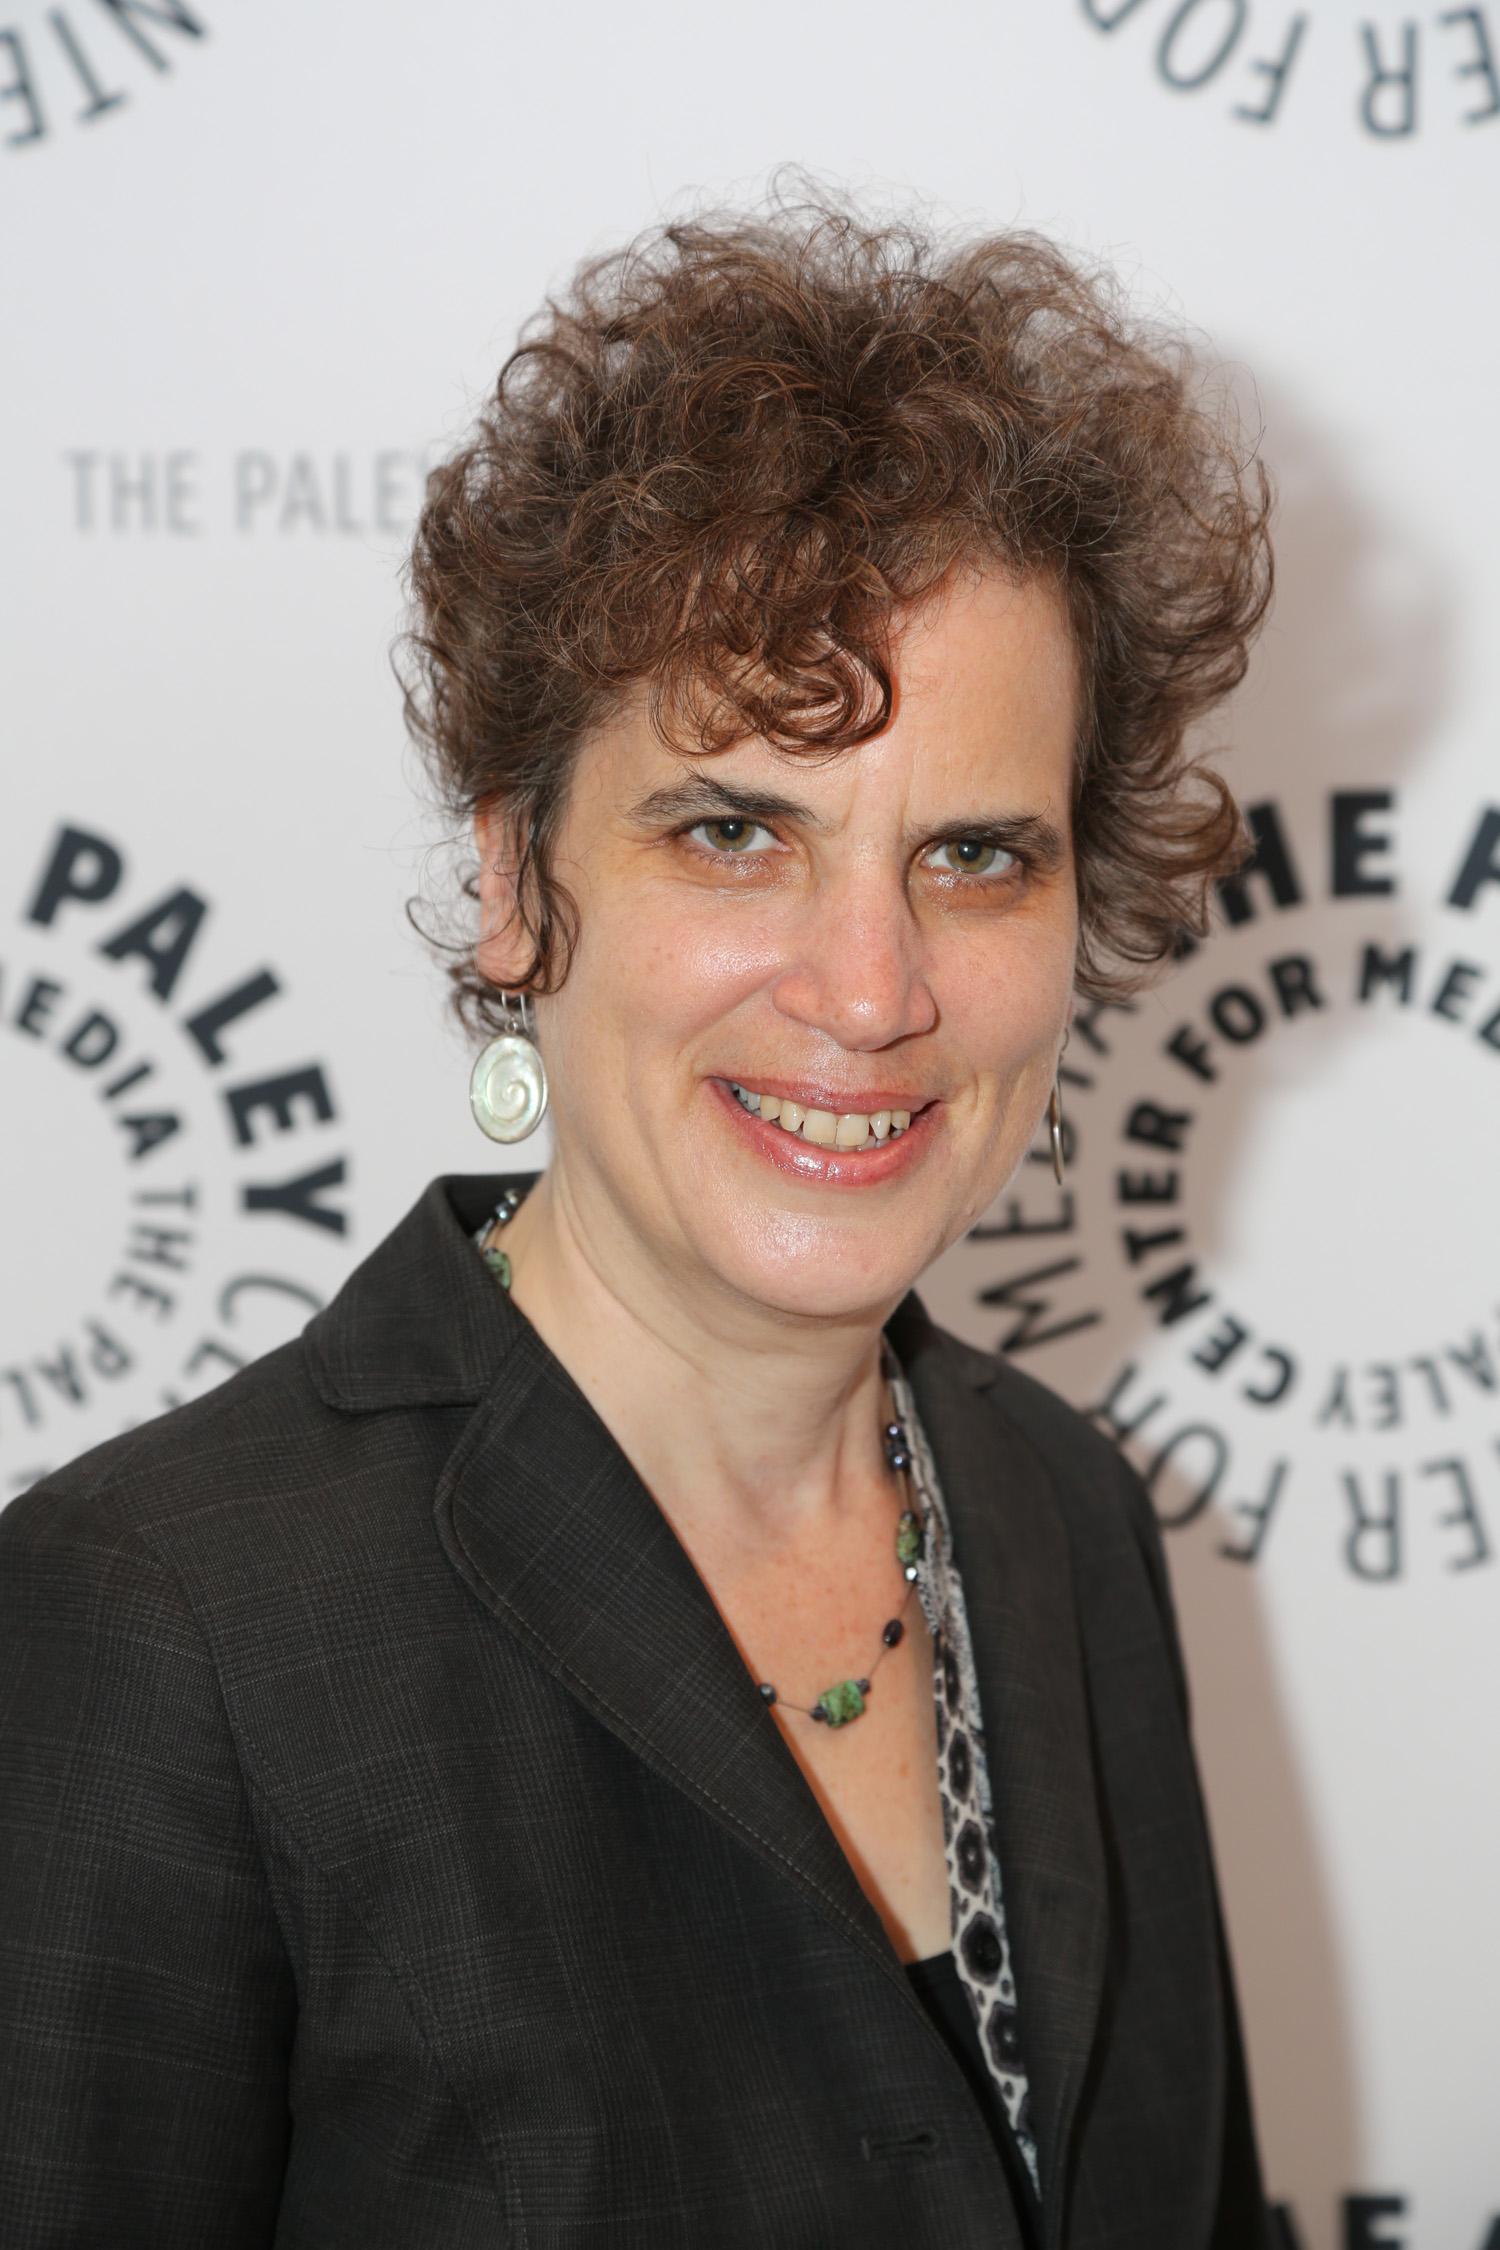 Laura Paglin, CFA Founder